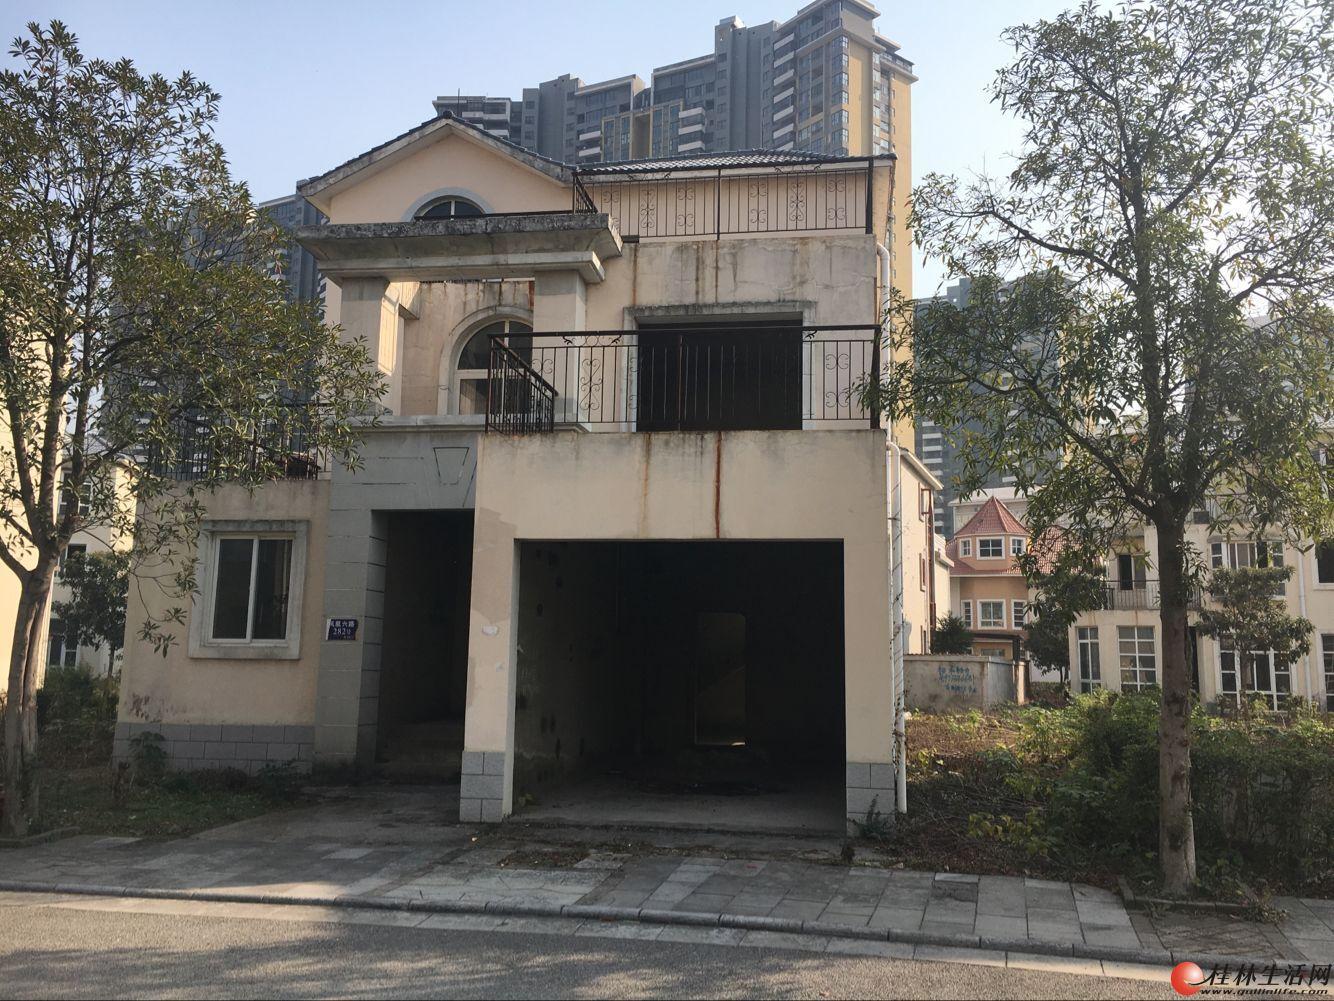 W山水凤凰城独栋大别墅占地480平方产权318平方售价248万